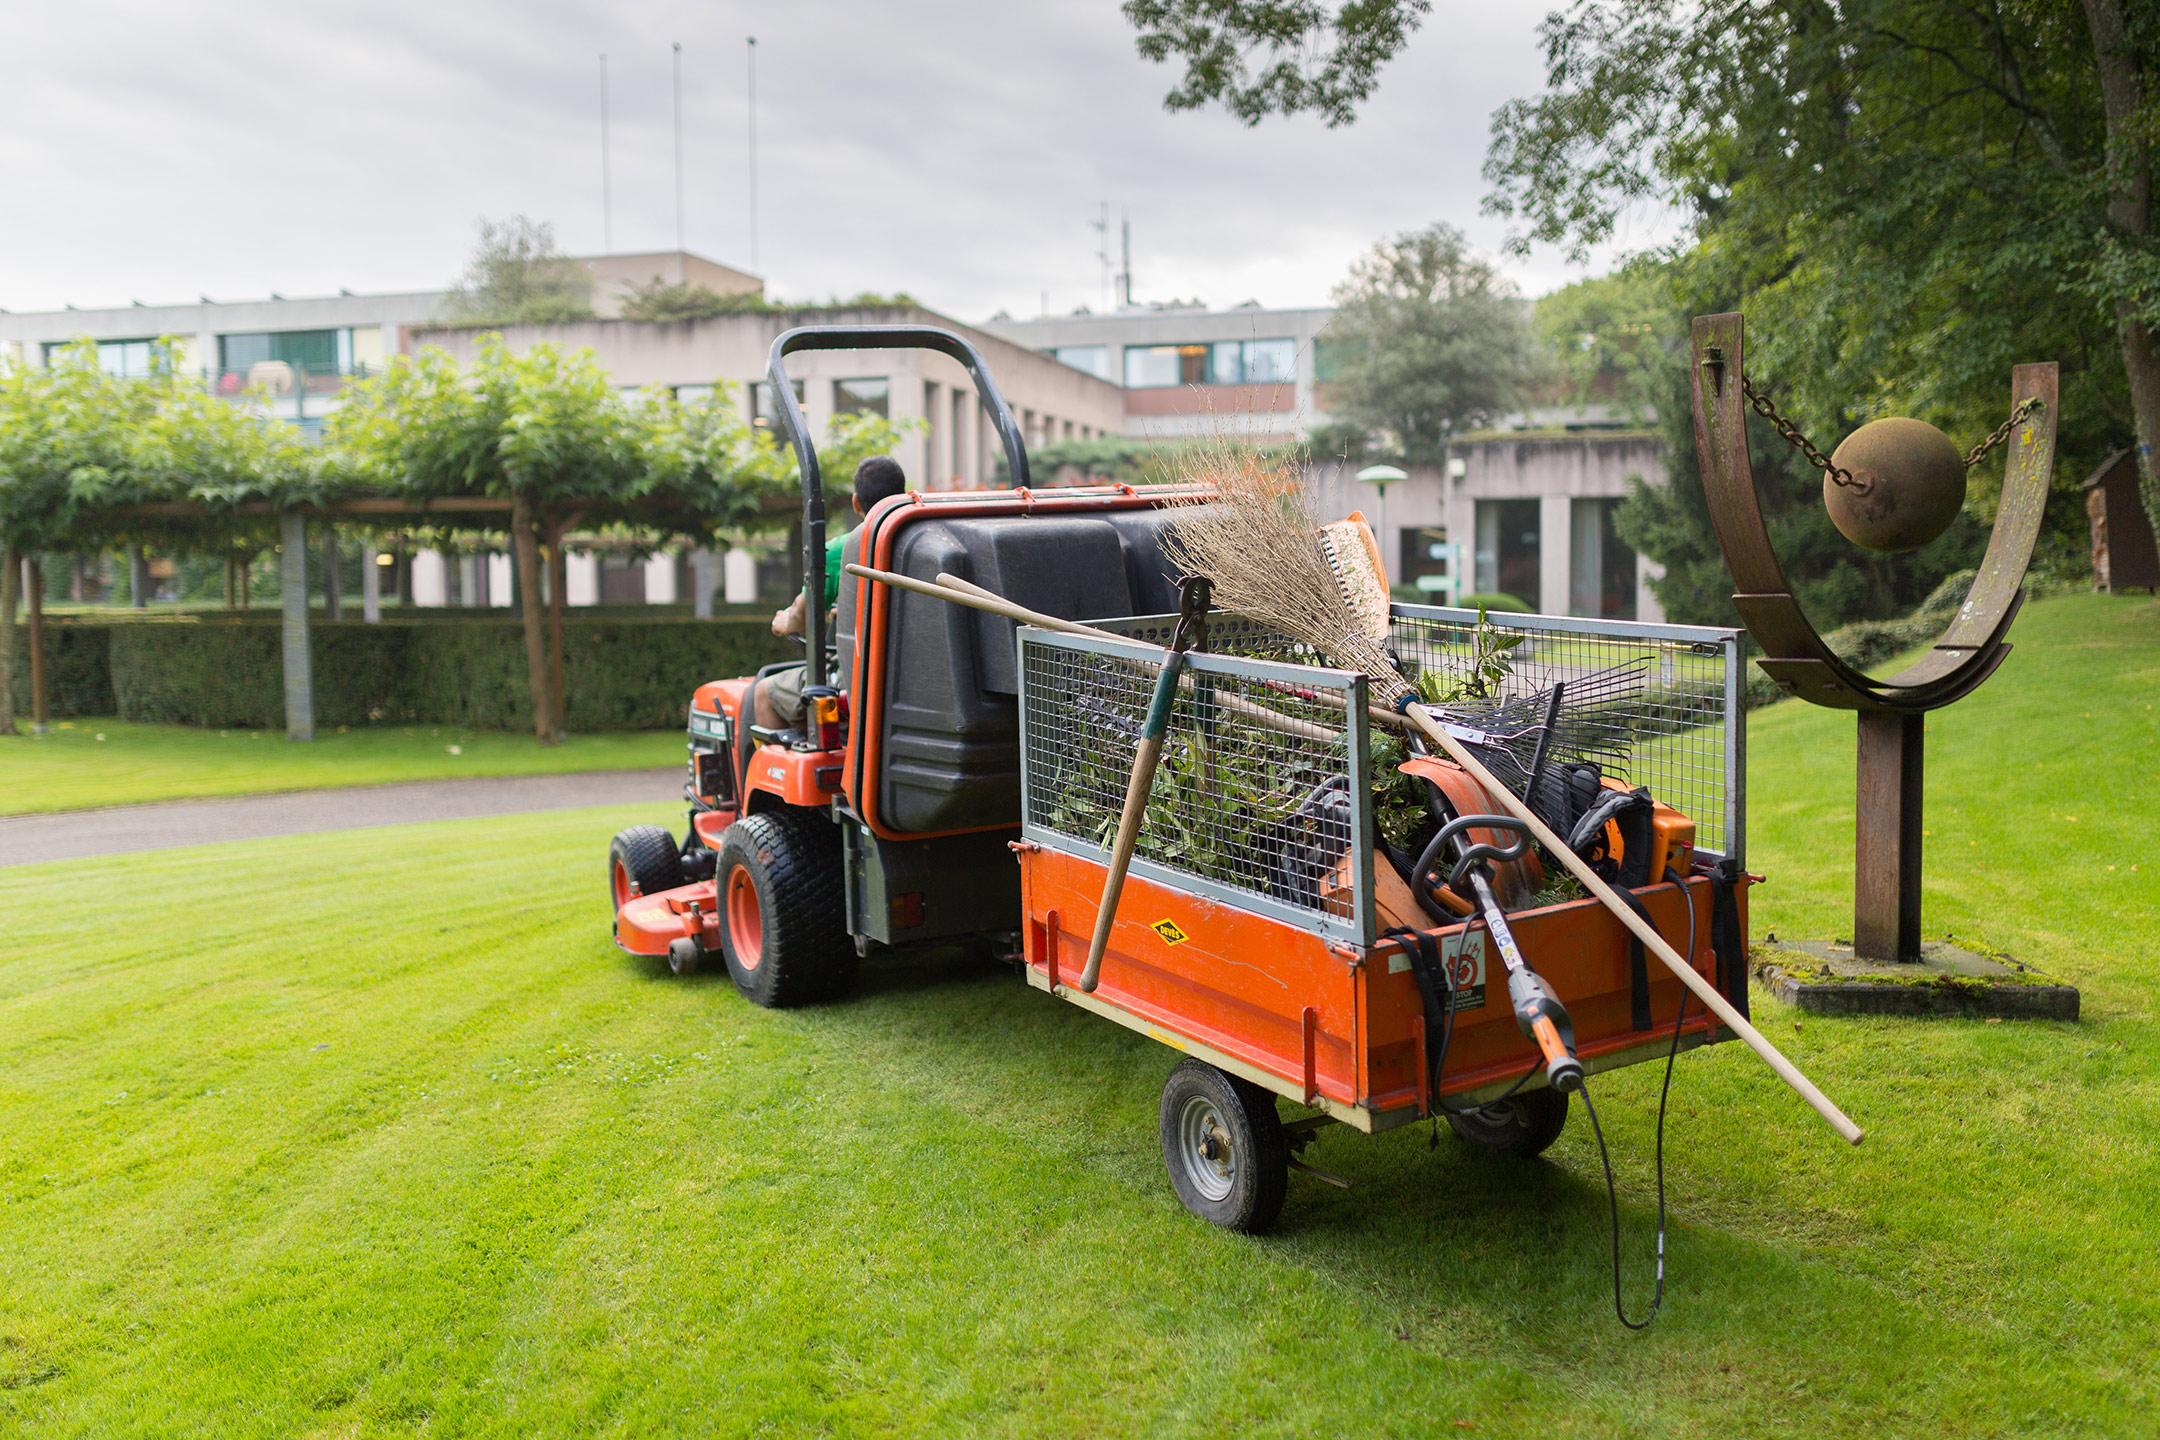 Entretien des espaces verts etablissements publics pour for Offre emploi entretien espaces verts